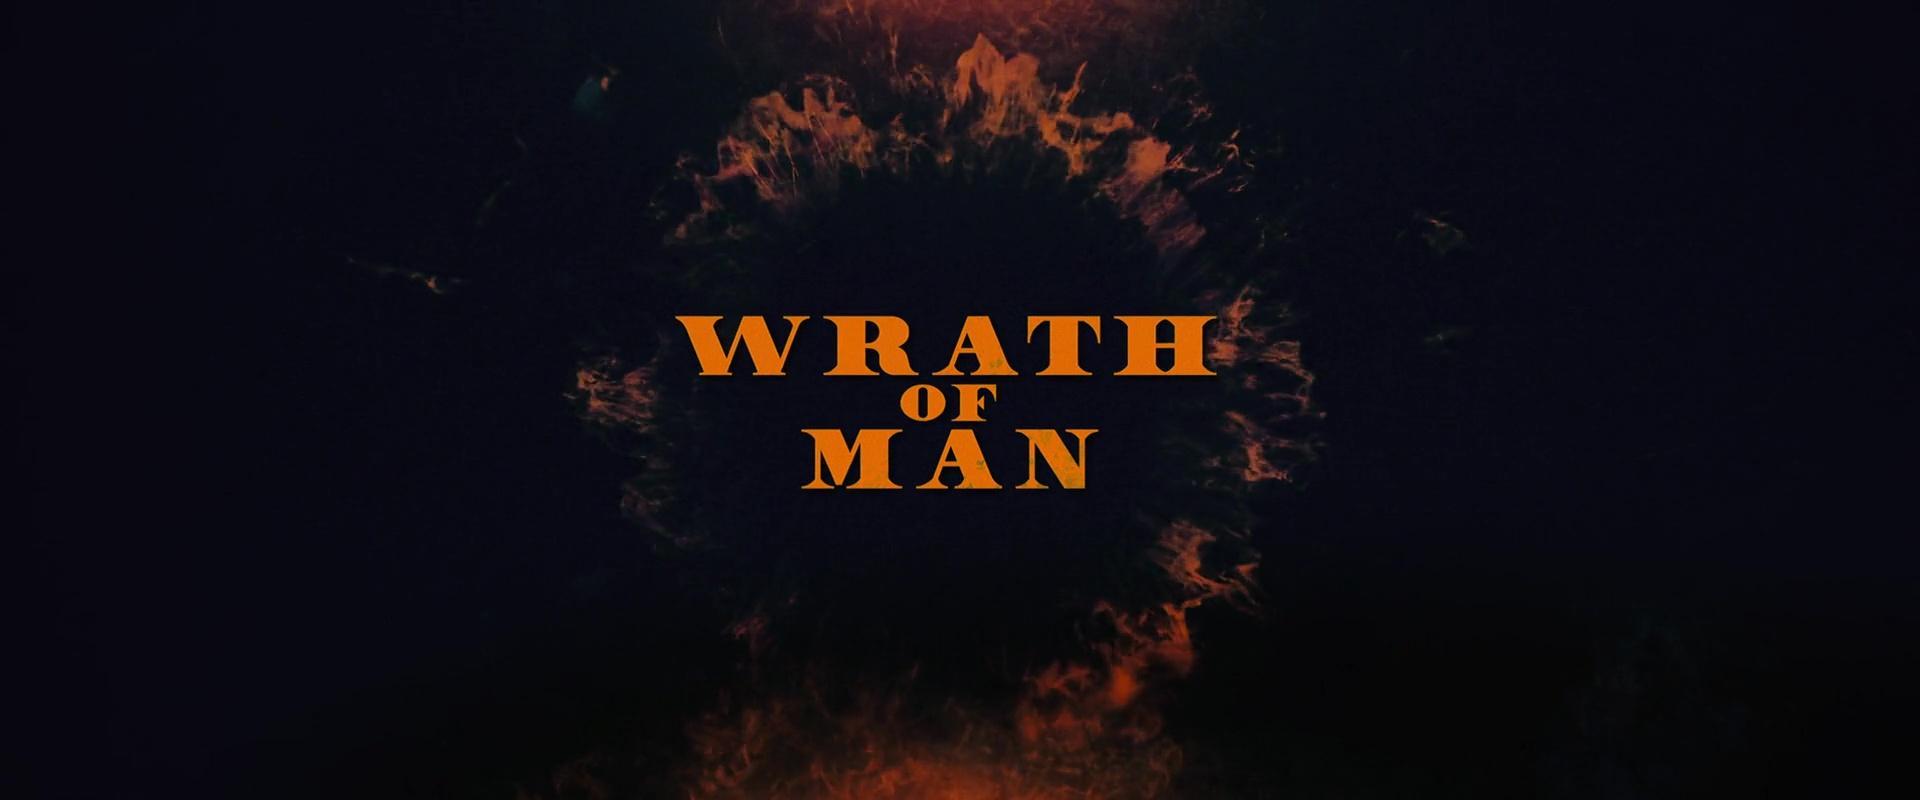 UN HOMME EN COLÈRE (Wrath of Man) de Guy Ritchie (2021)